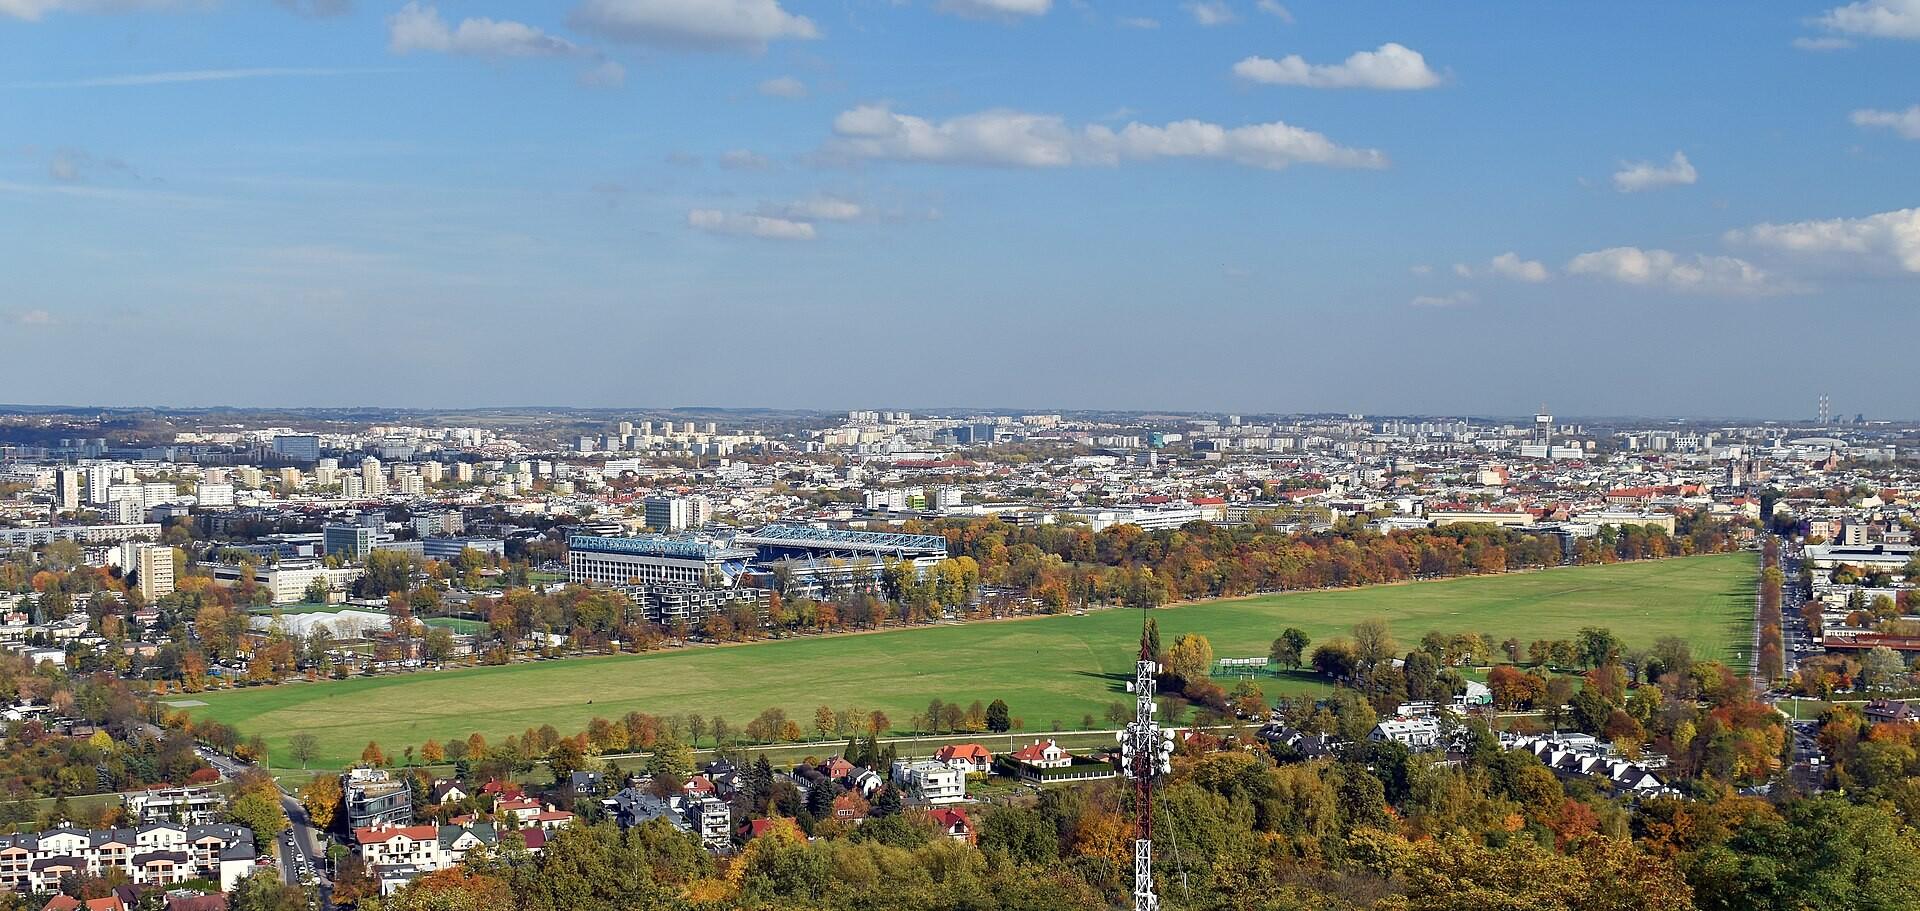 Le migliori attrazioni a Cracovia - Le cose più belle da fare a Cracovia